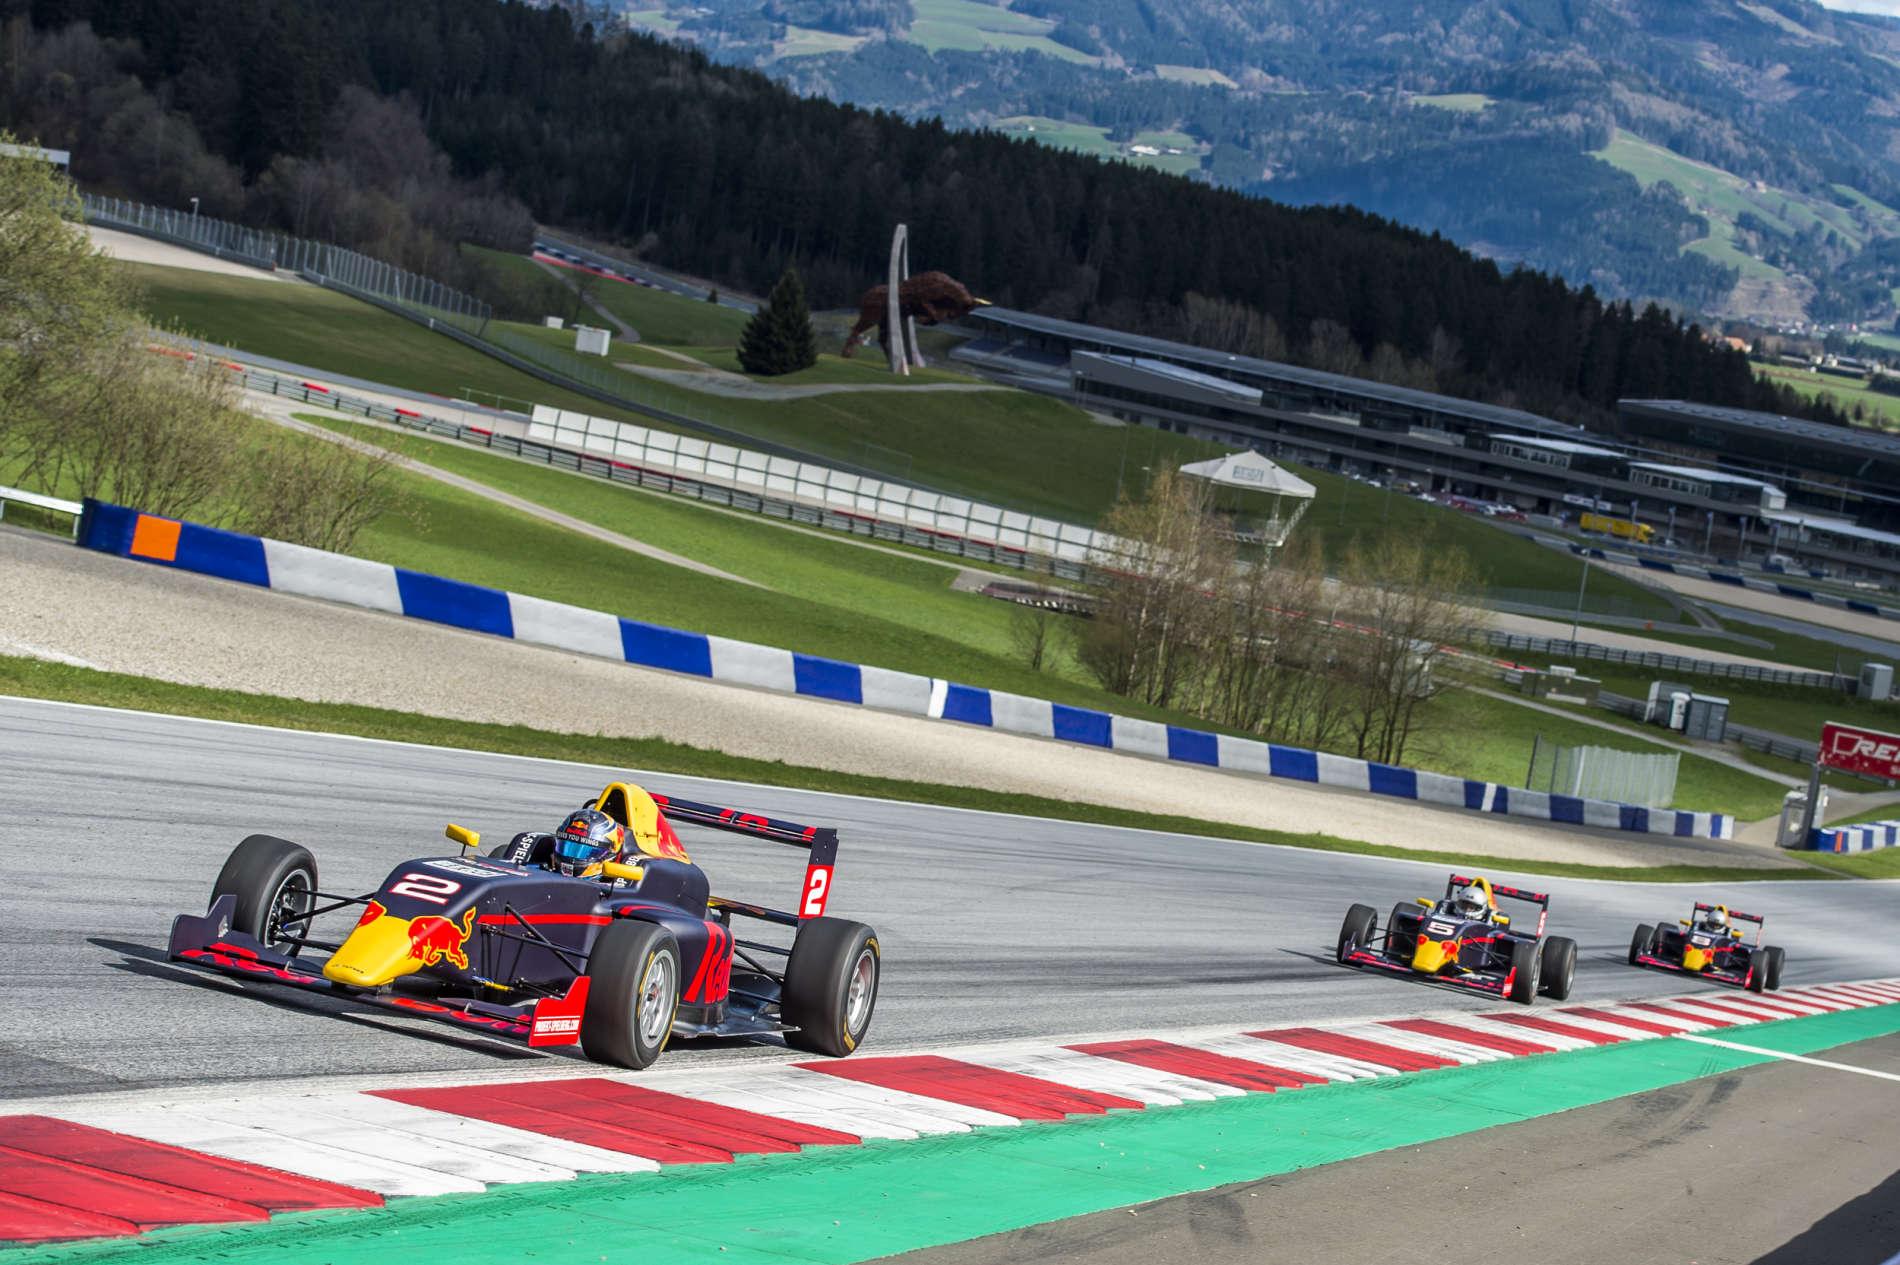 Dort, wo am 1. Juli der Formel-1-Grand-Prix von Österreich steigt, durften ausgewählte Medien, darunter das VOLKSBLATT, die Formel-4-Boliden testen und einige Runden auf dem Red Bull Ring in Spielberg drehen.